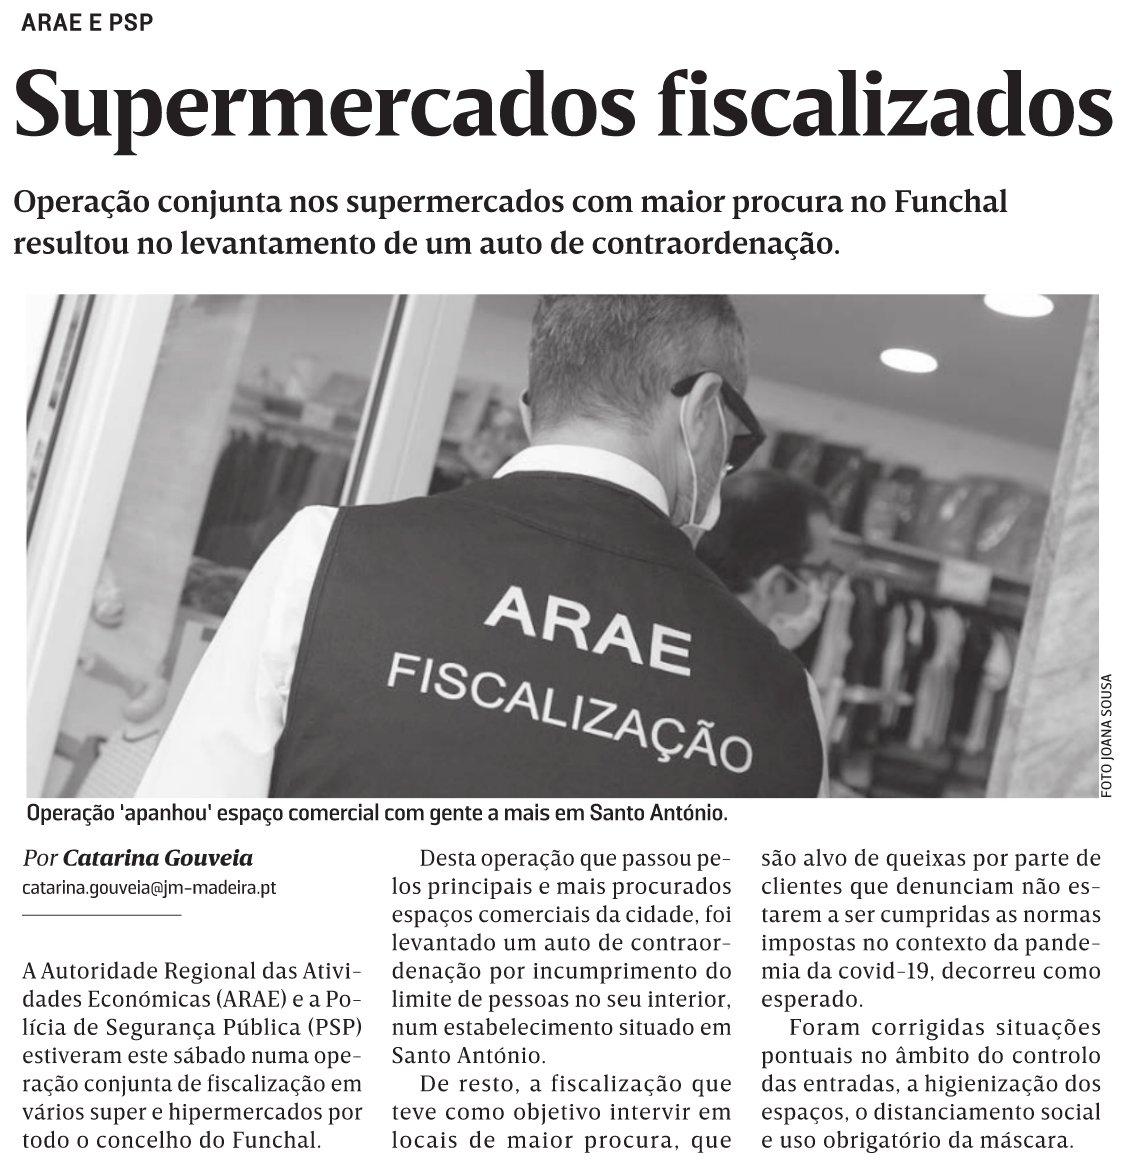 in JM-Madeira, edição de 13/12/2020